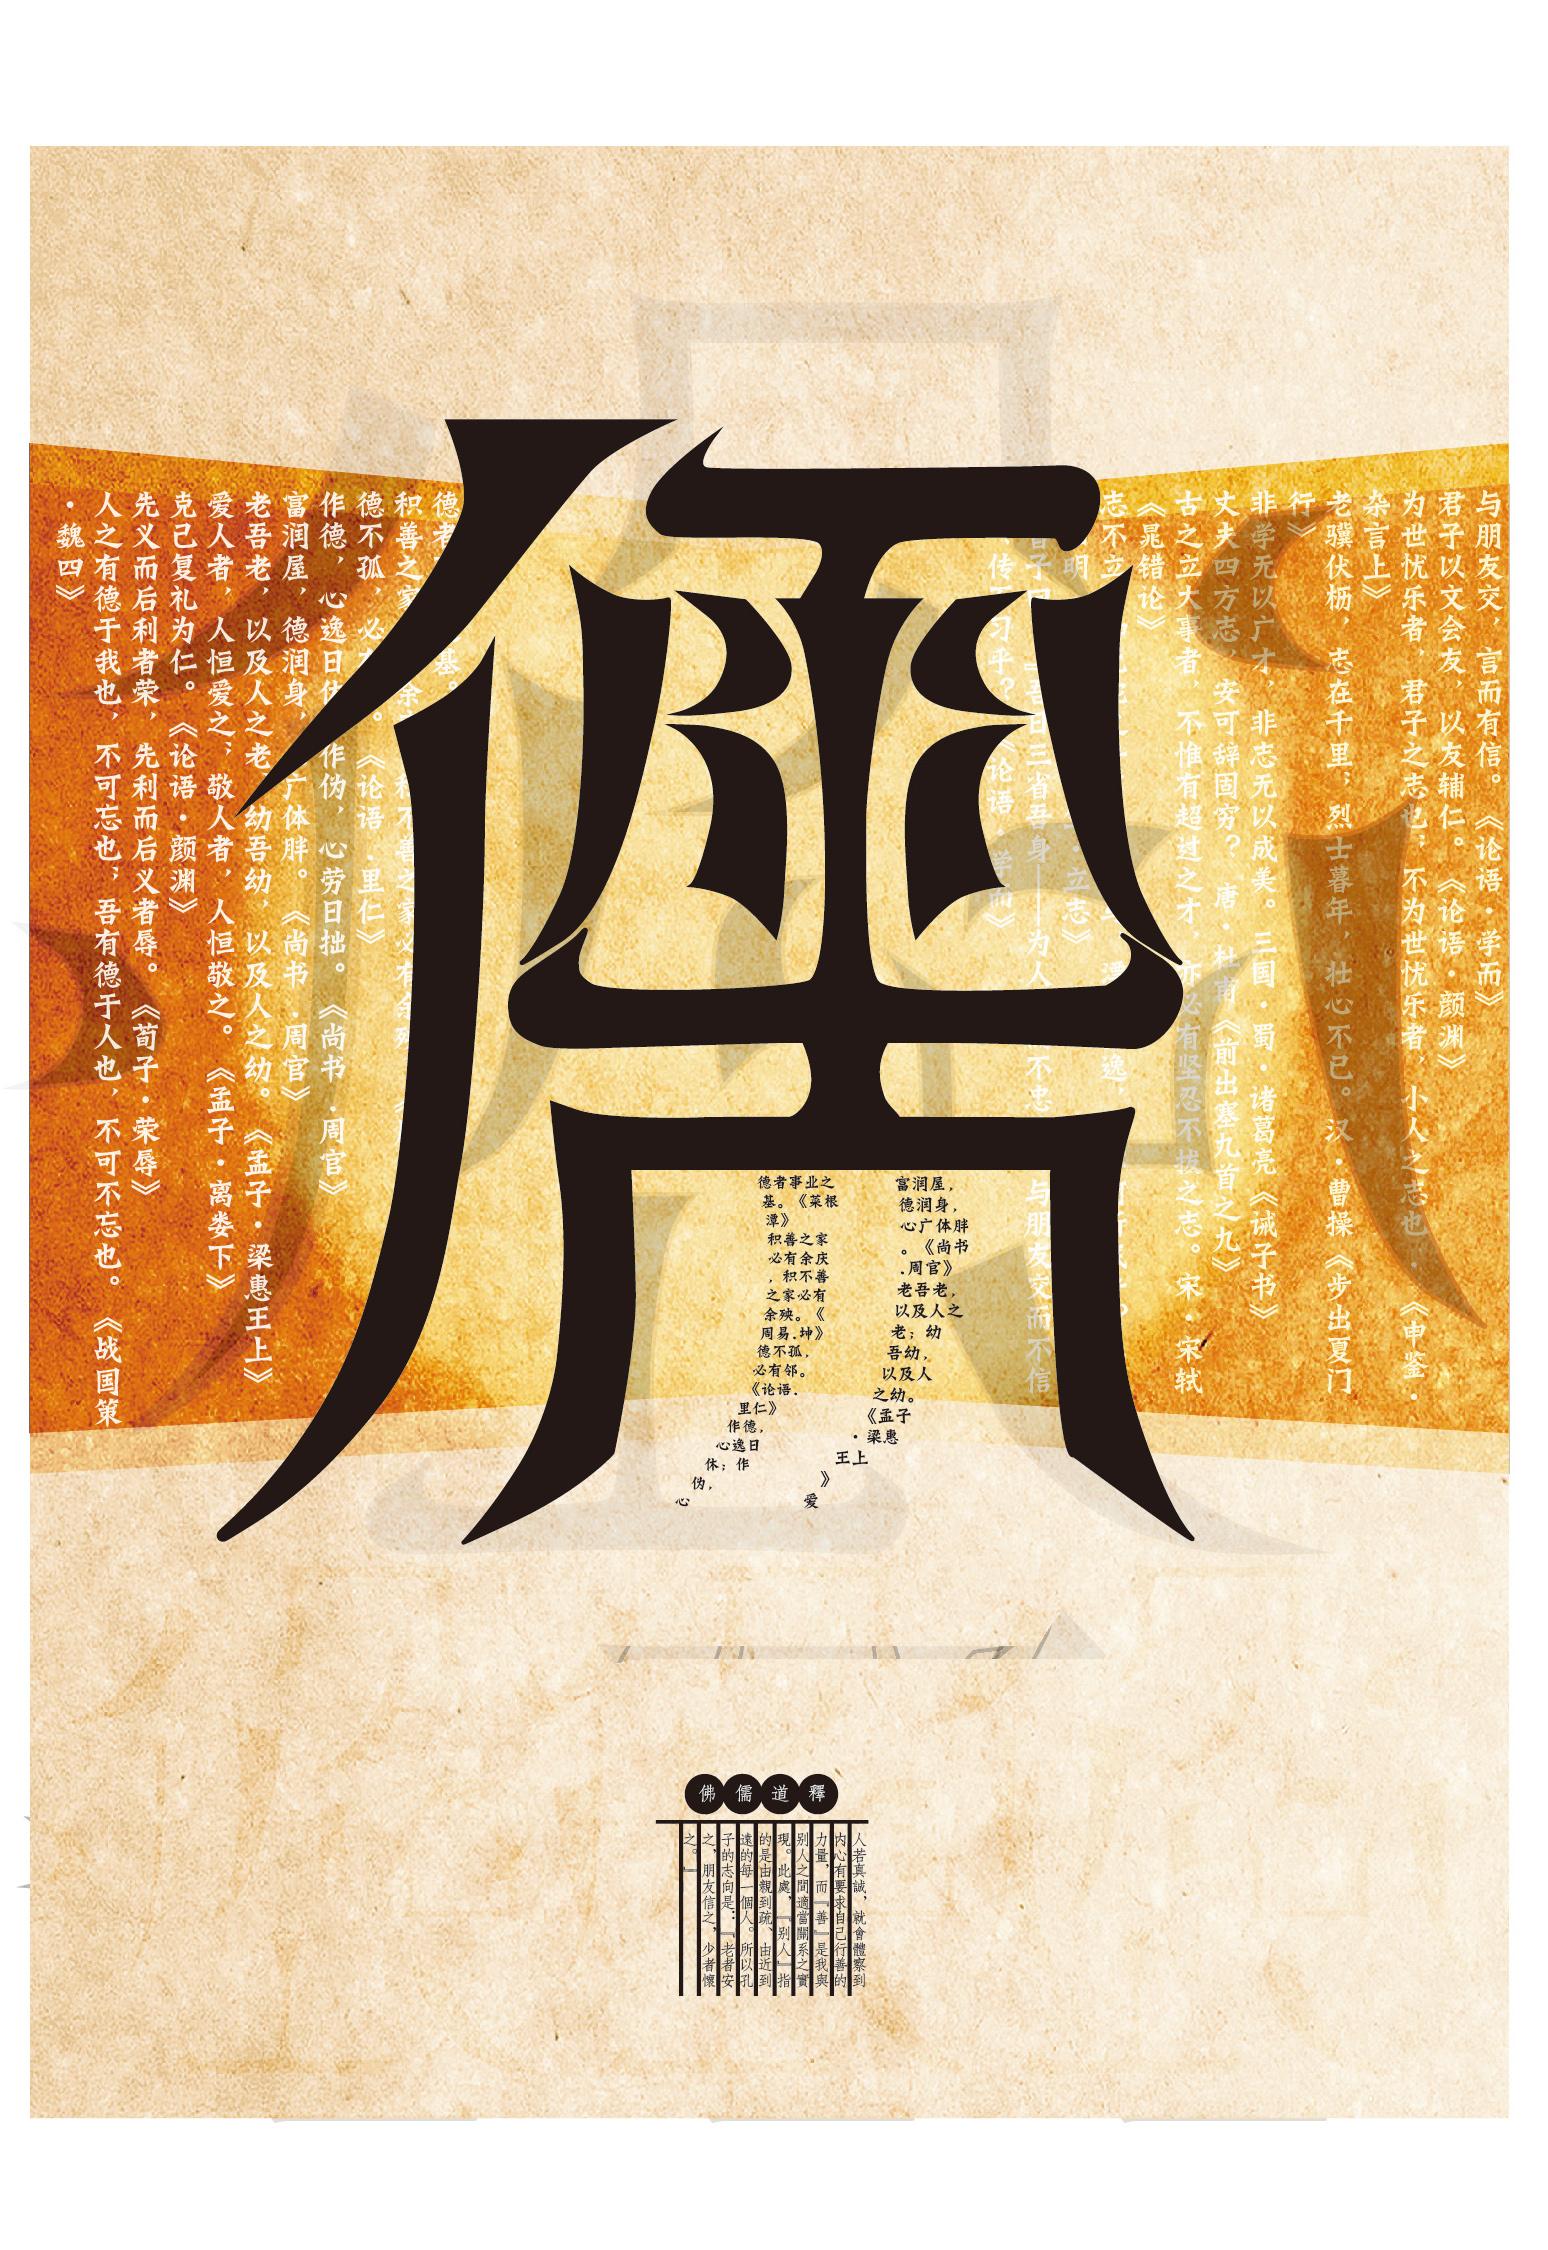 字体设计 佛儒道释图片